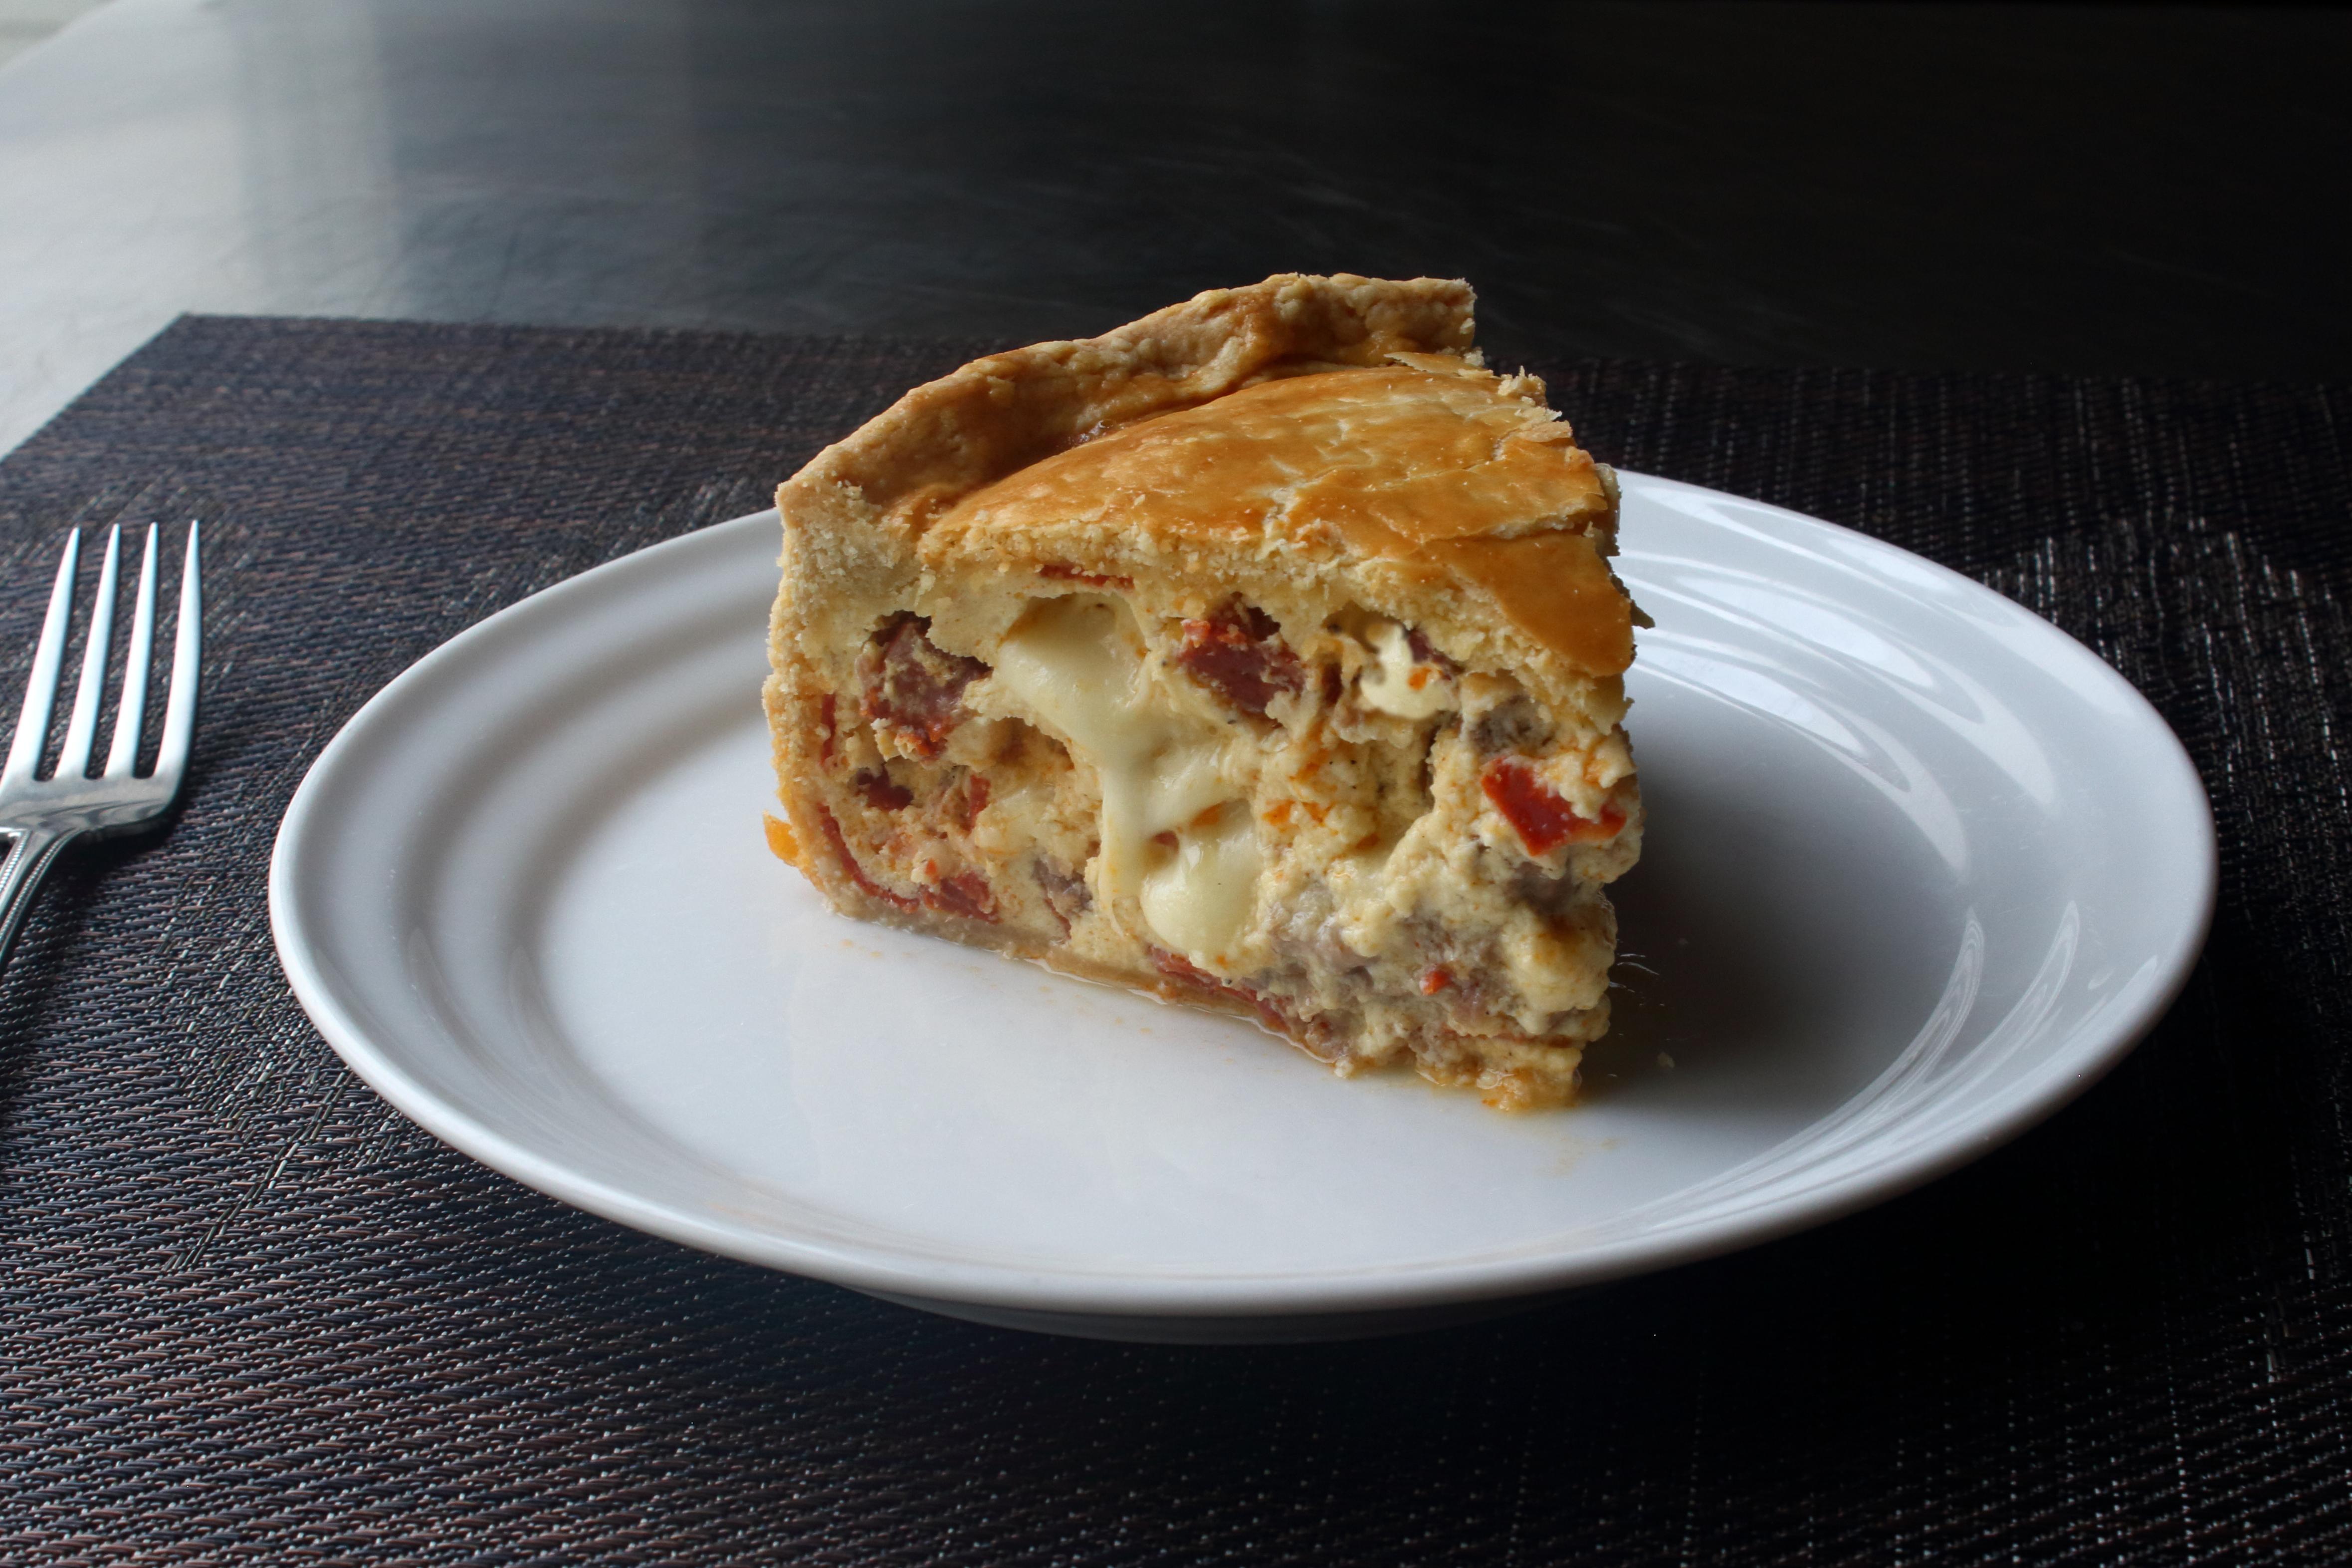 Chef John's Pizza Rustica